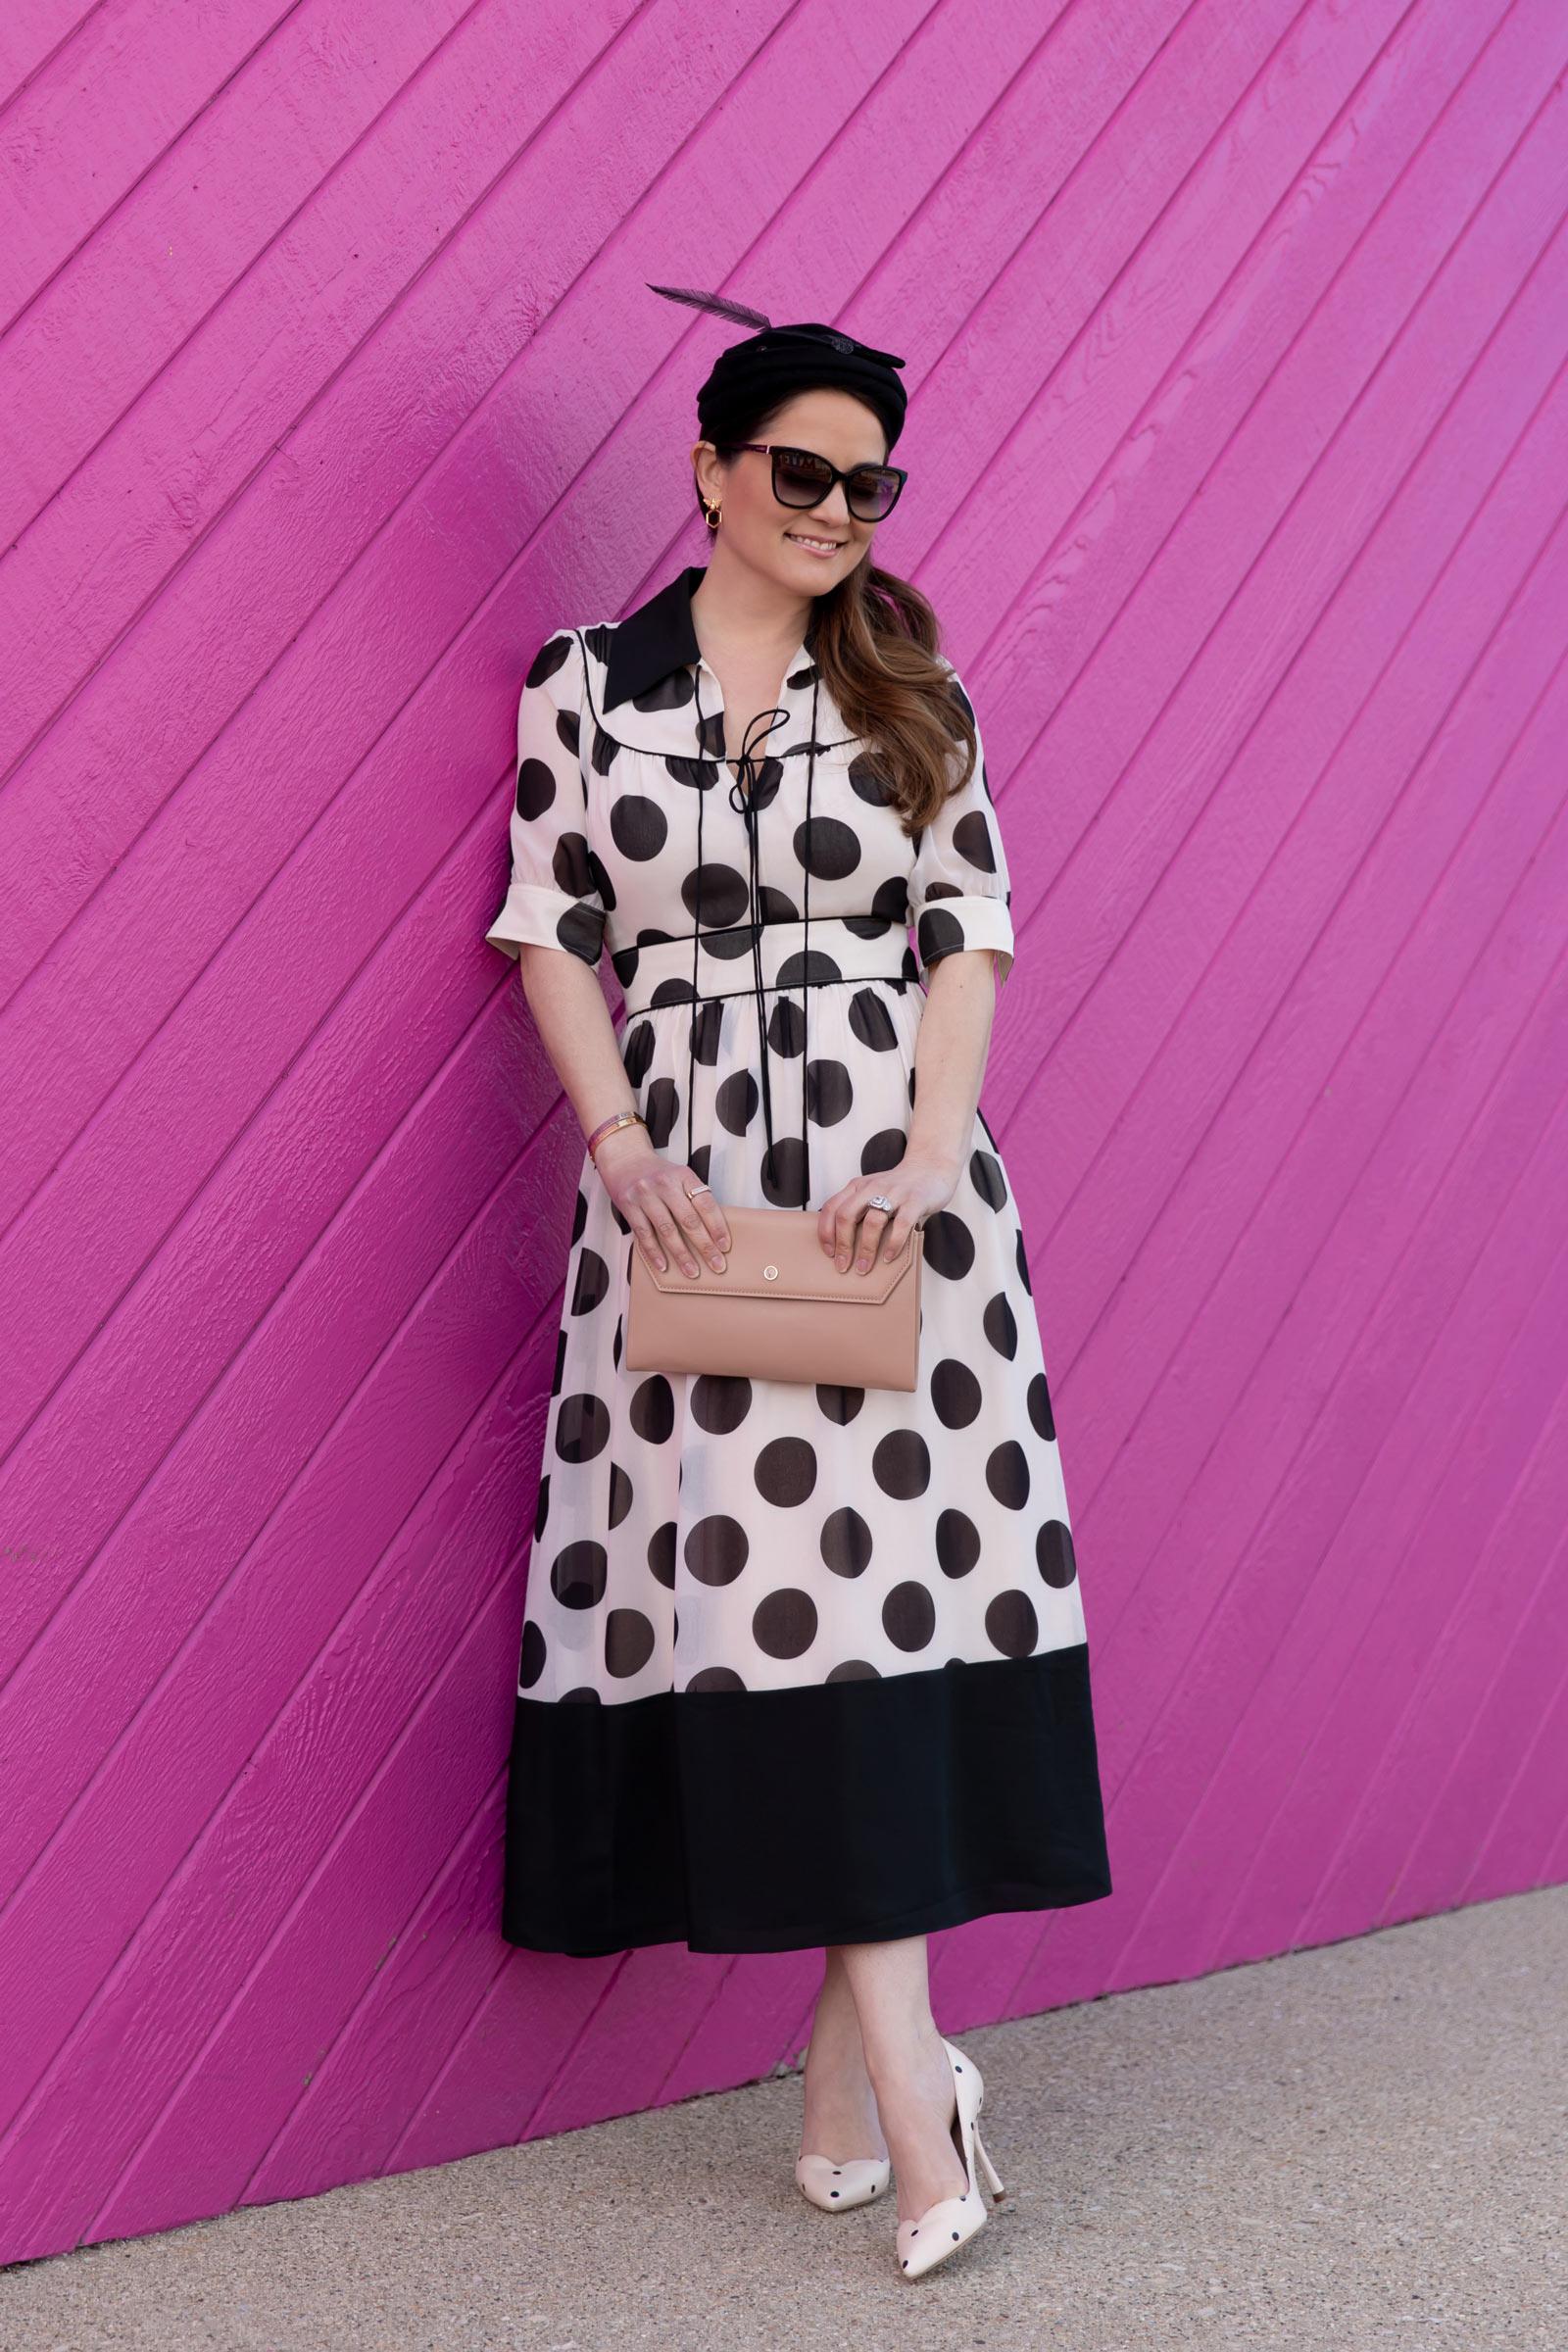 LK Bennett Polka Dot Dress